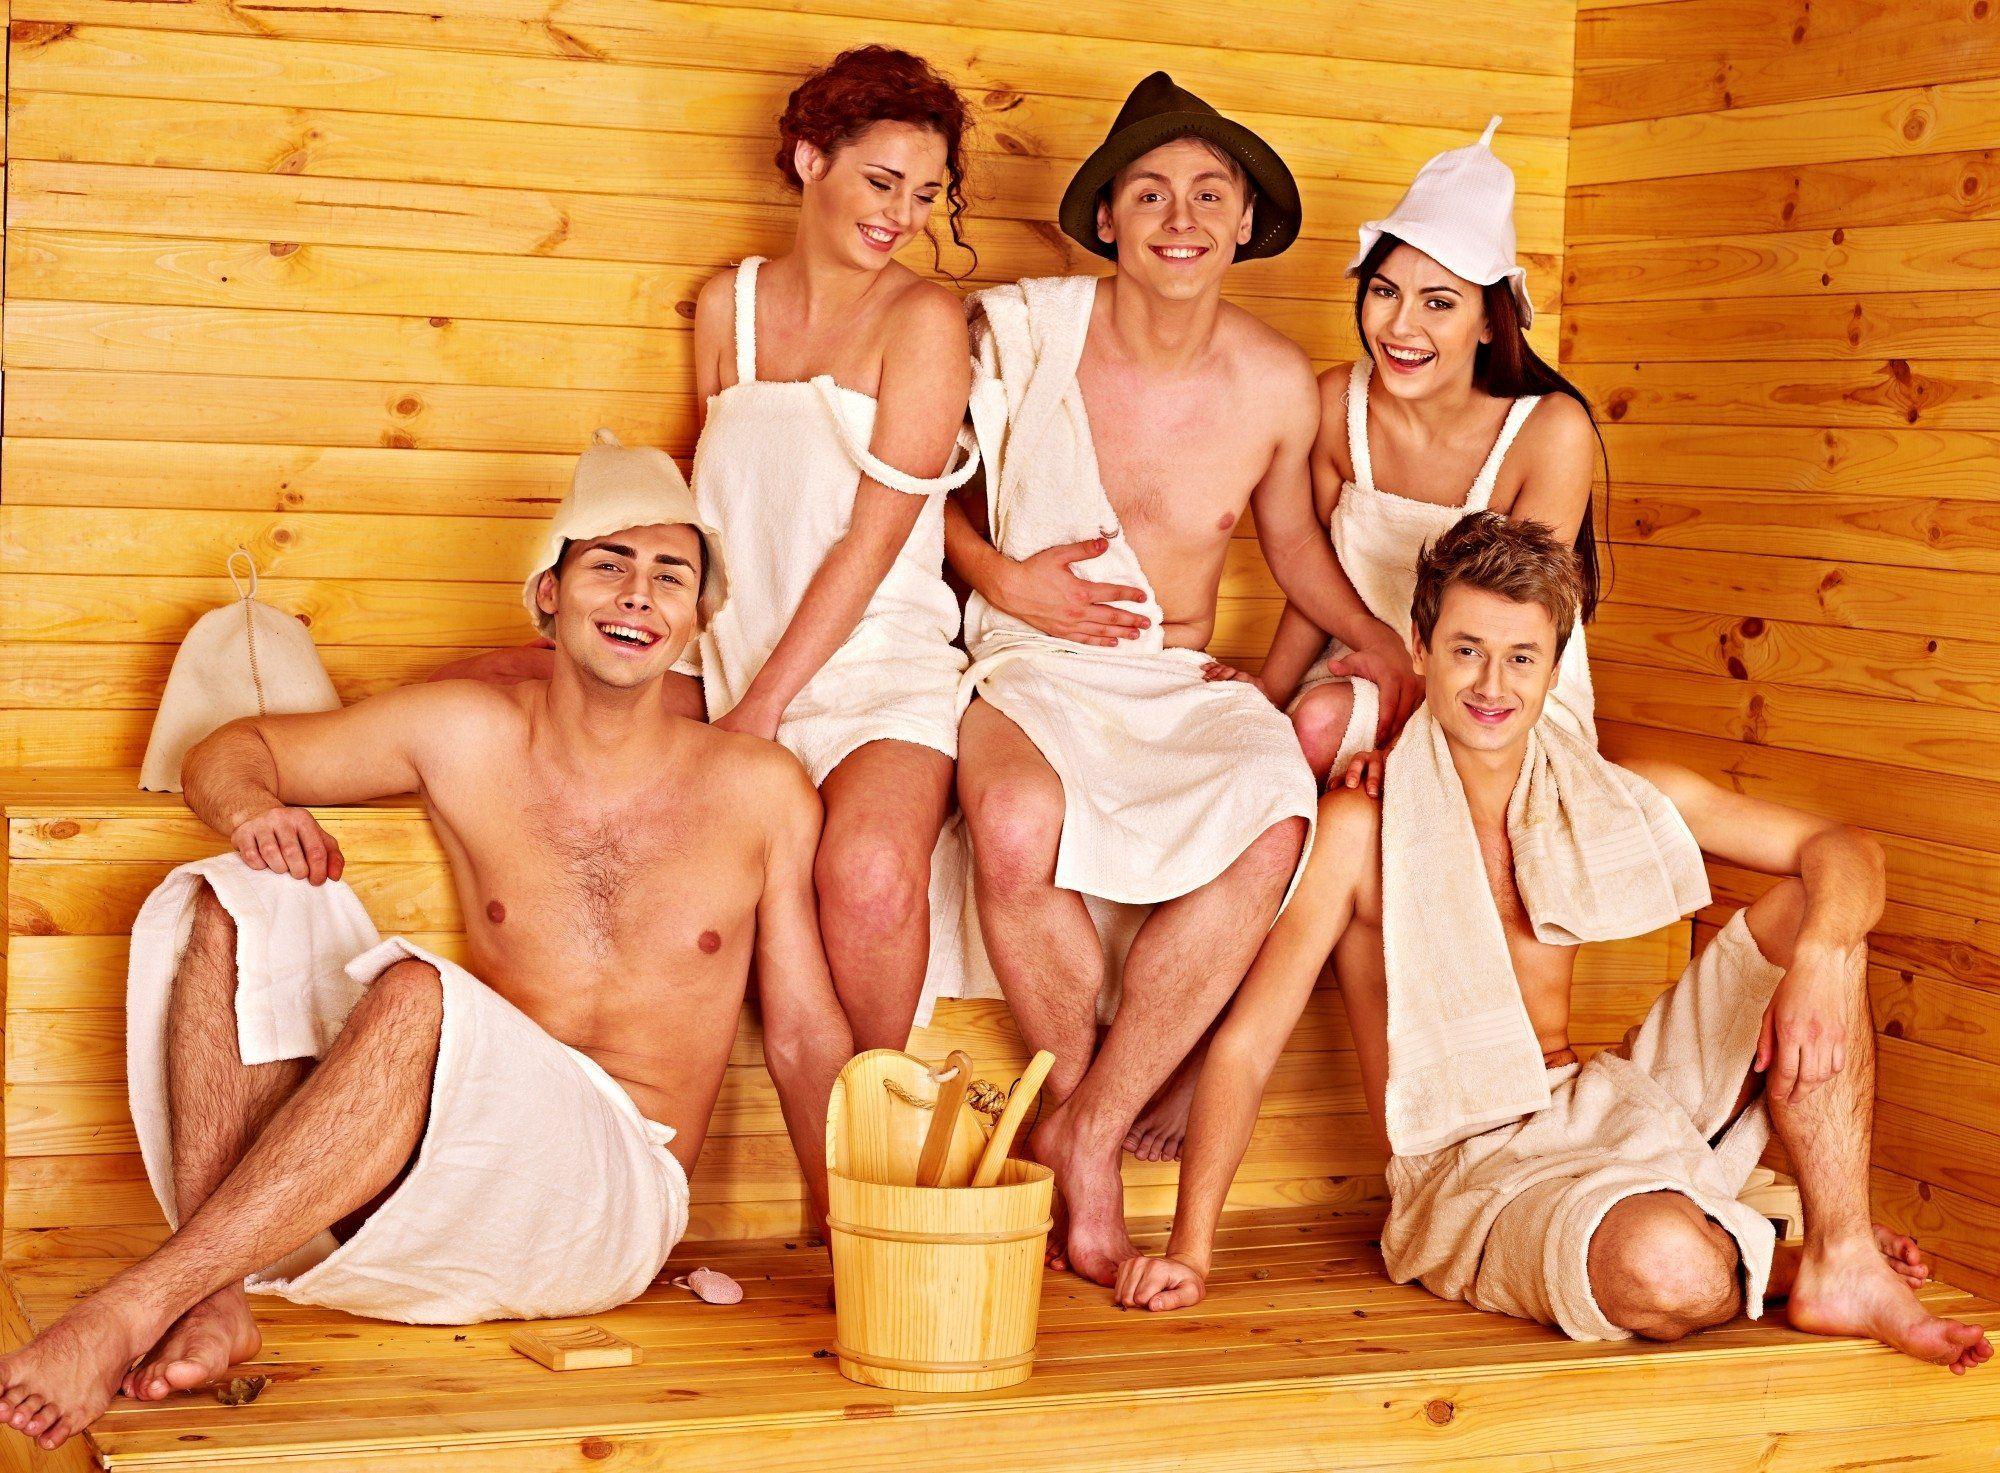 фото женщин в бане с мужиками